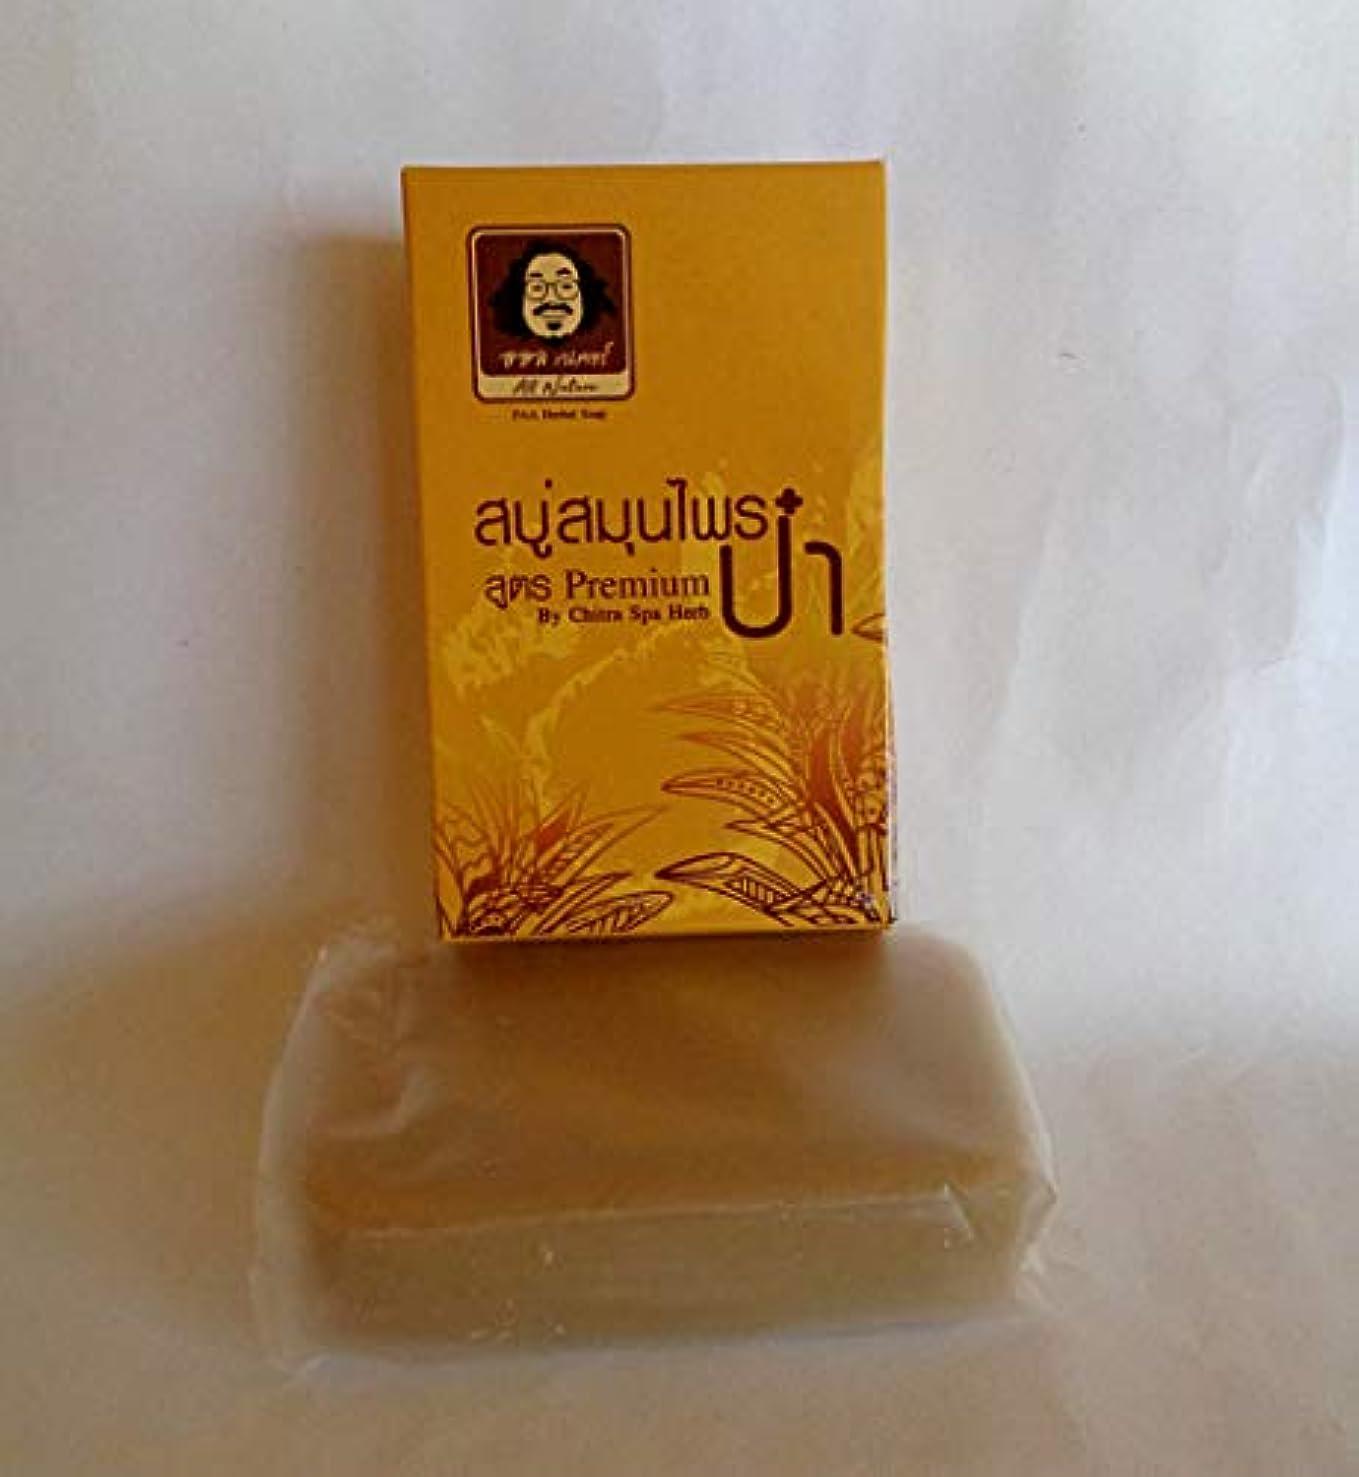 寄託思われるシリングPaa Herbal soap all nature chemical free Premium Fomula ハーバルソープオールケミカルフリープレミアムフォーミュラ 100 g.